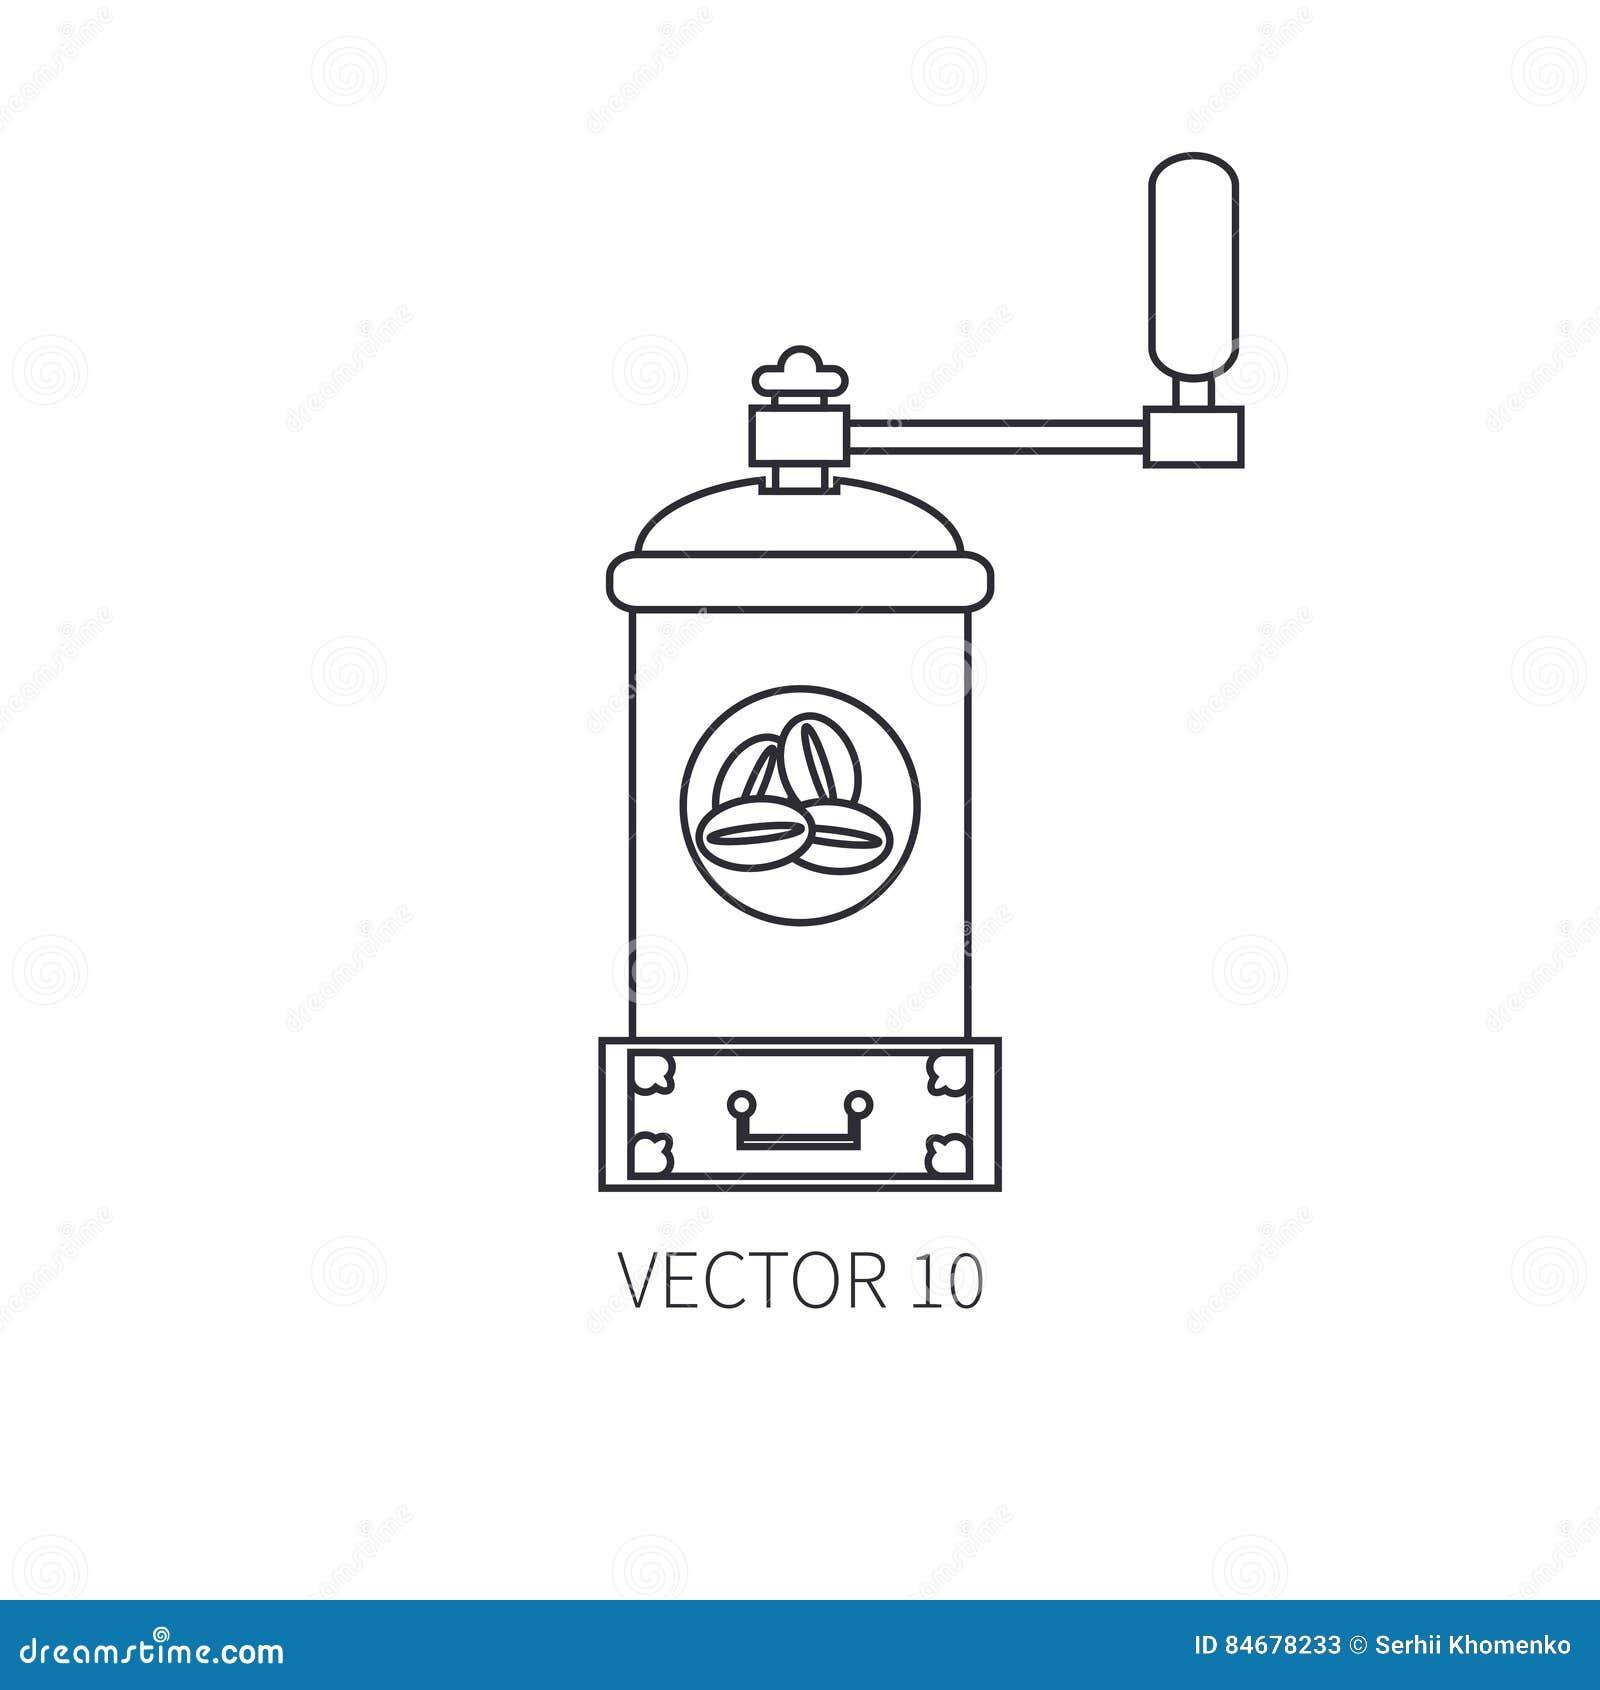 Zeichnen Sie Flache Vektorkuchengeschirrikonen Kaffeemuhle Tischbesteckwerkzeuge Uberlagert Einfach Zu Bearbeiten Illustration Vektor Abbildung Illustration Von Tischbesteckwerkzeuge Flache 84678233